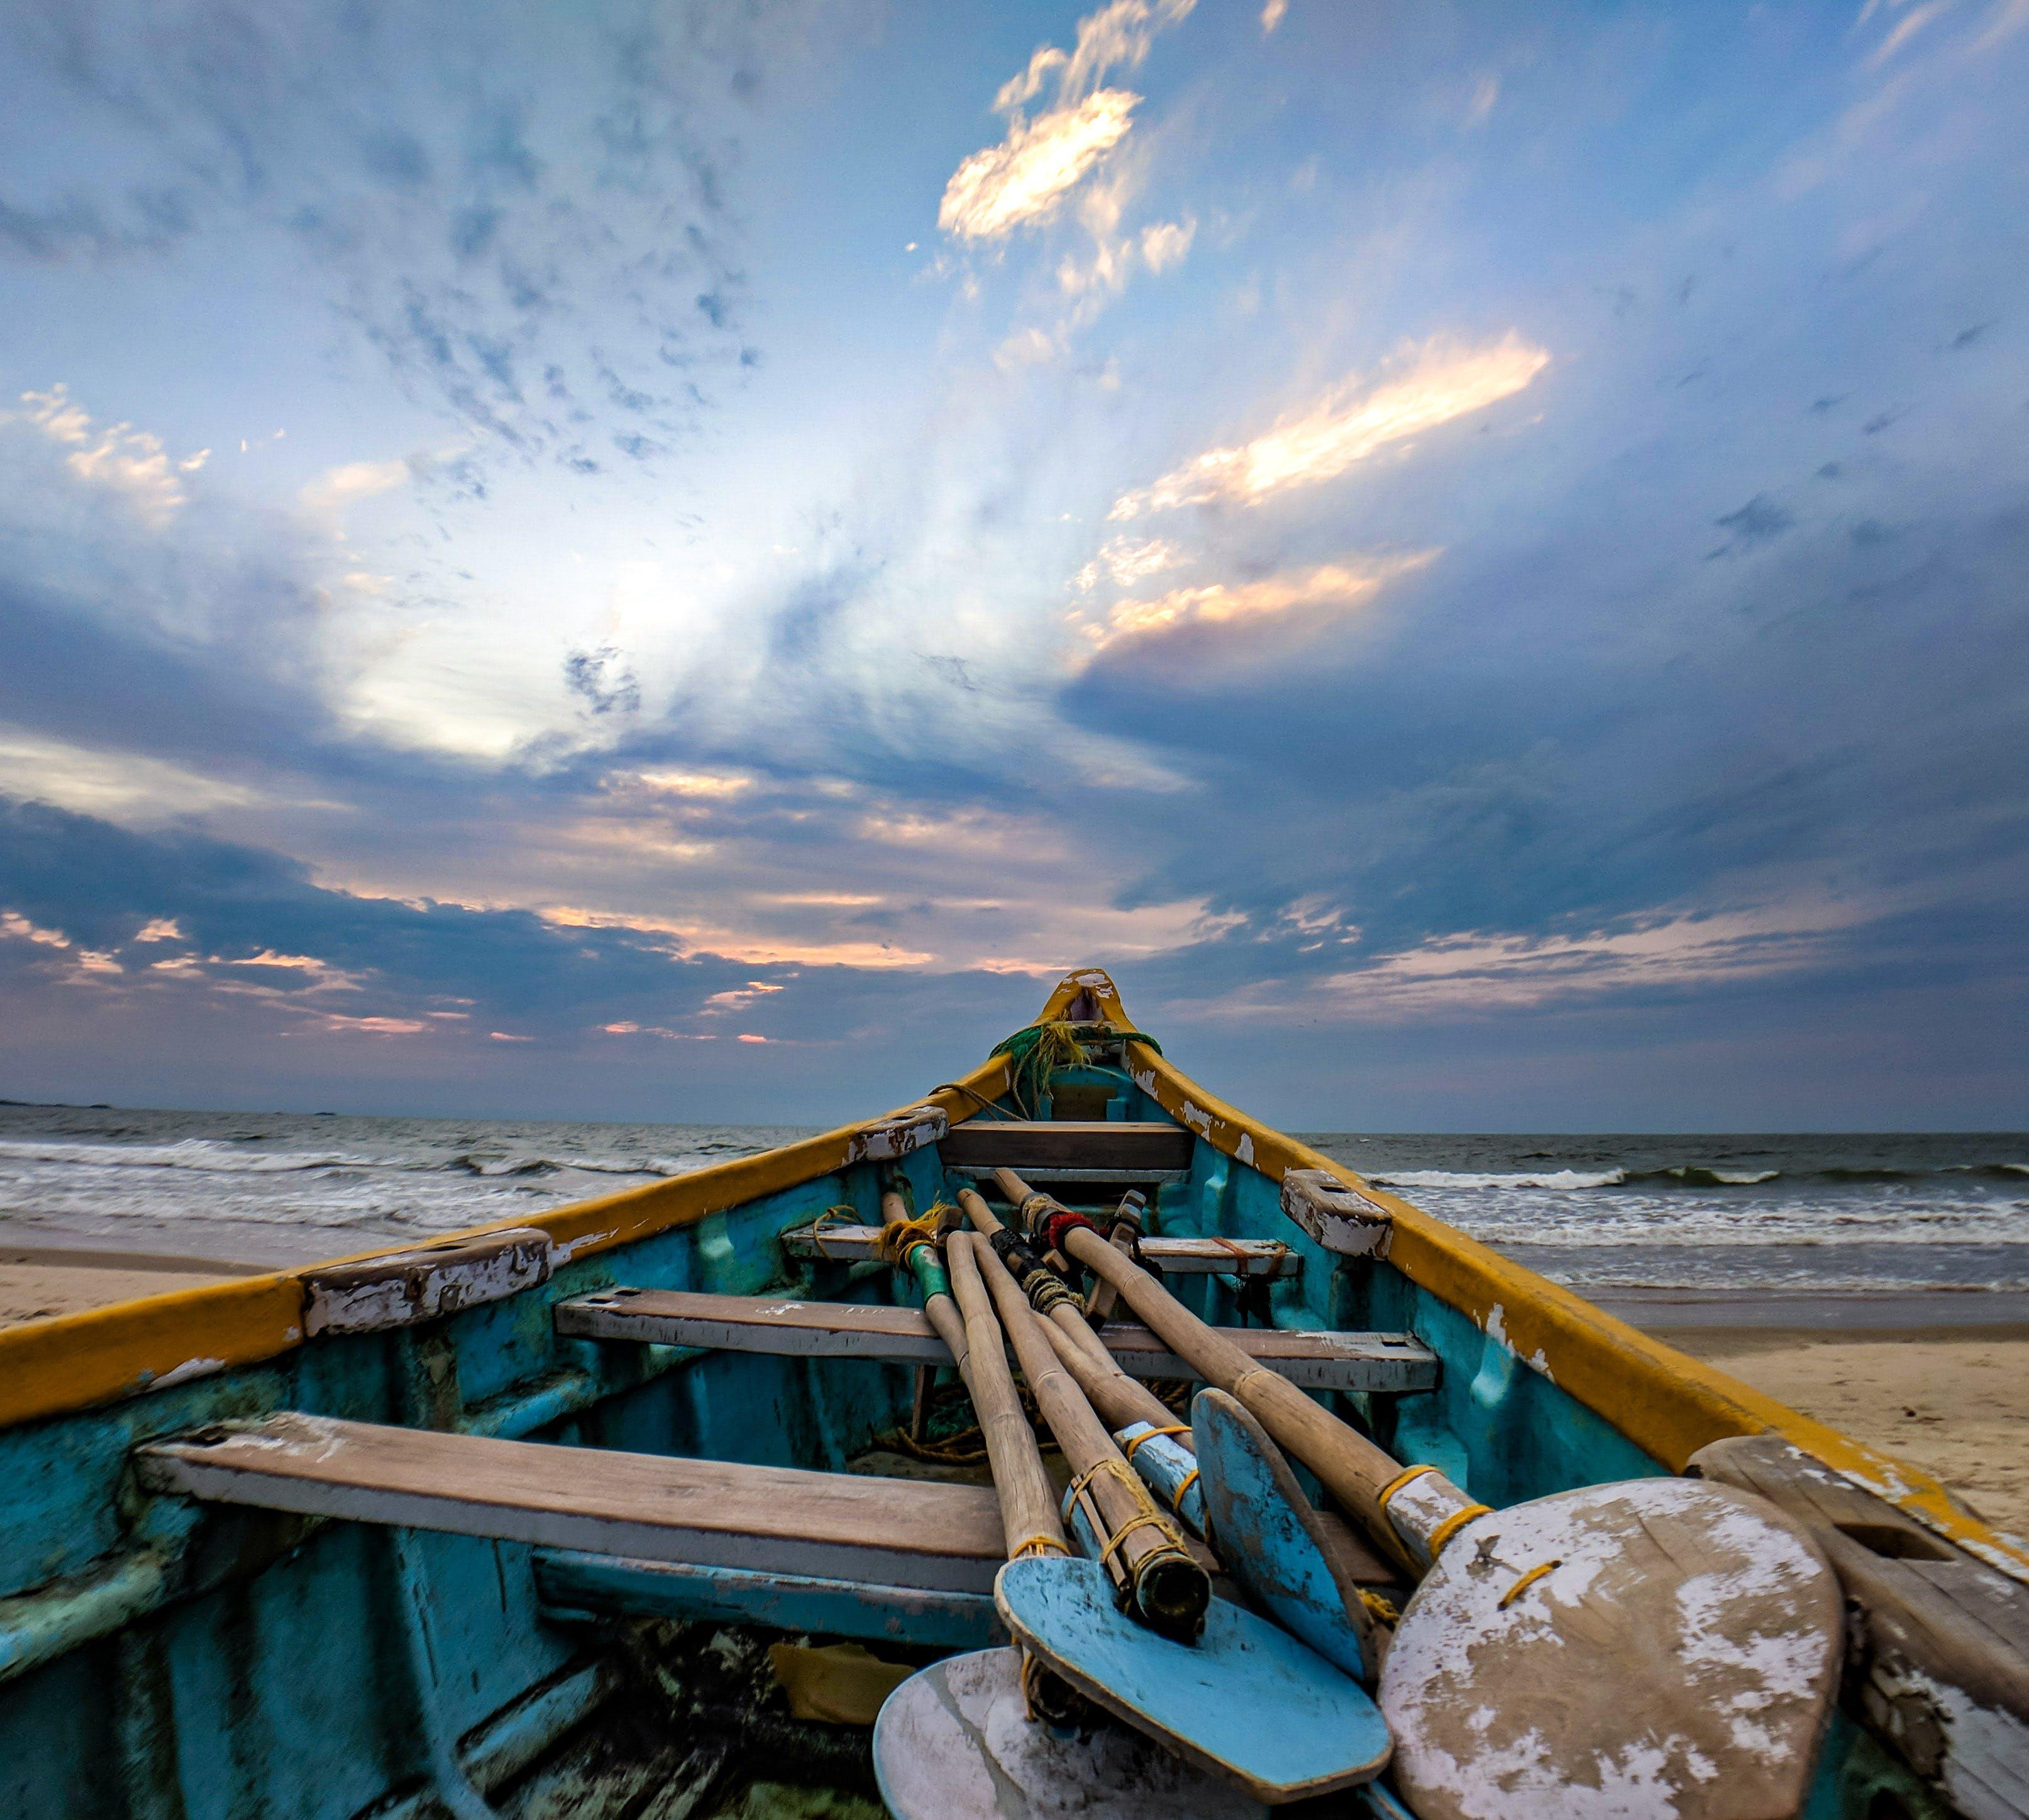 Kostenloses Stock Foto zu boot, eiche, horizont, landschaft